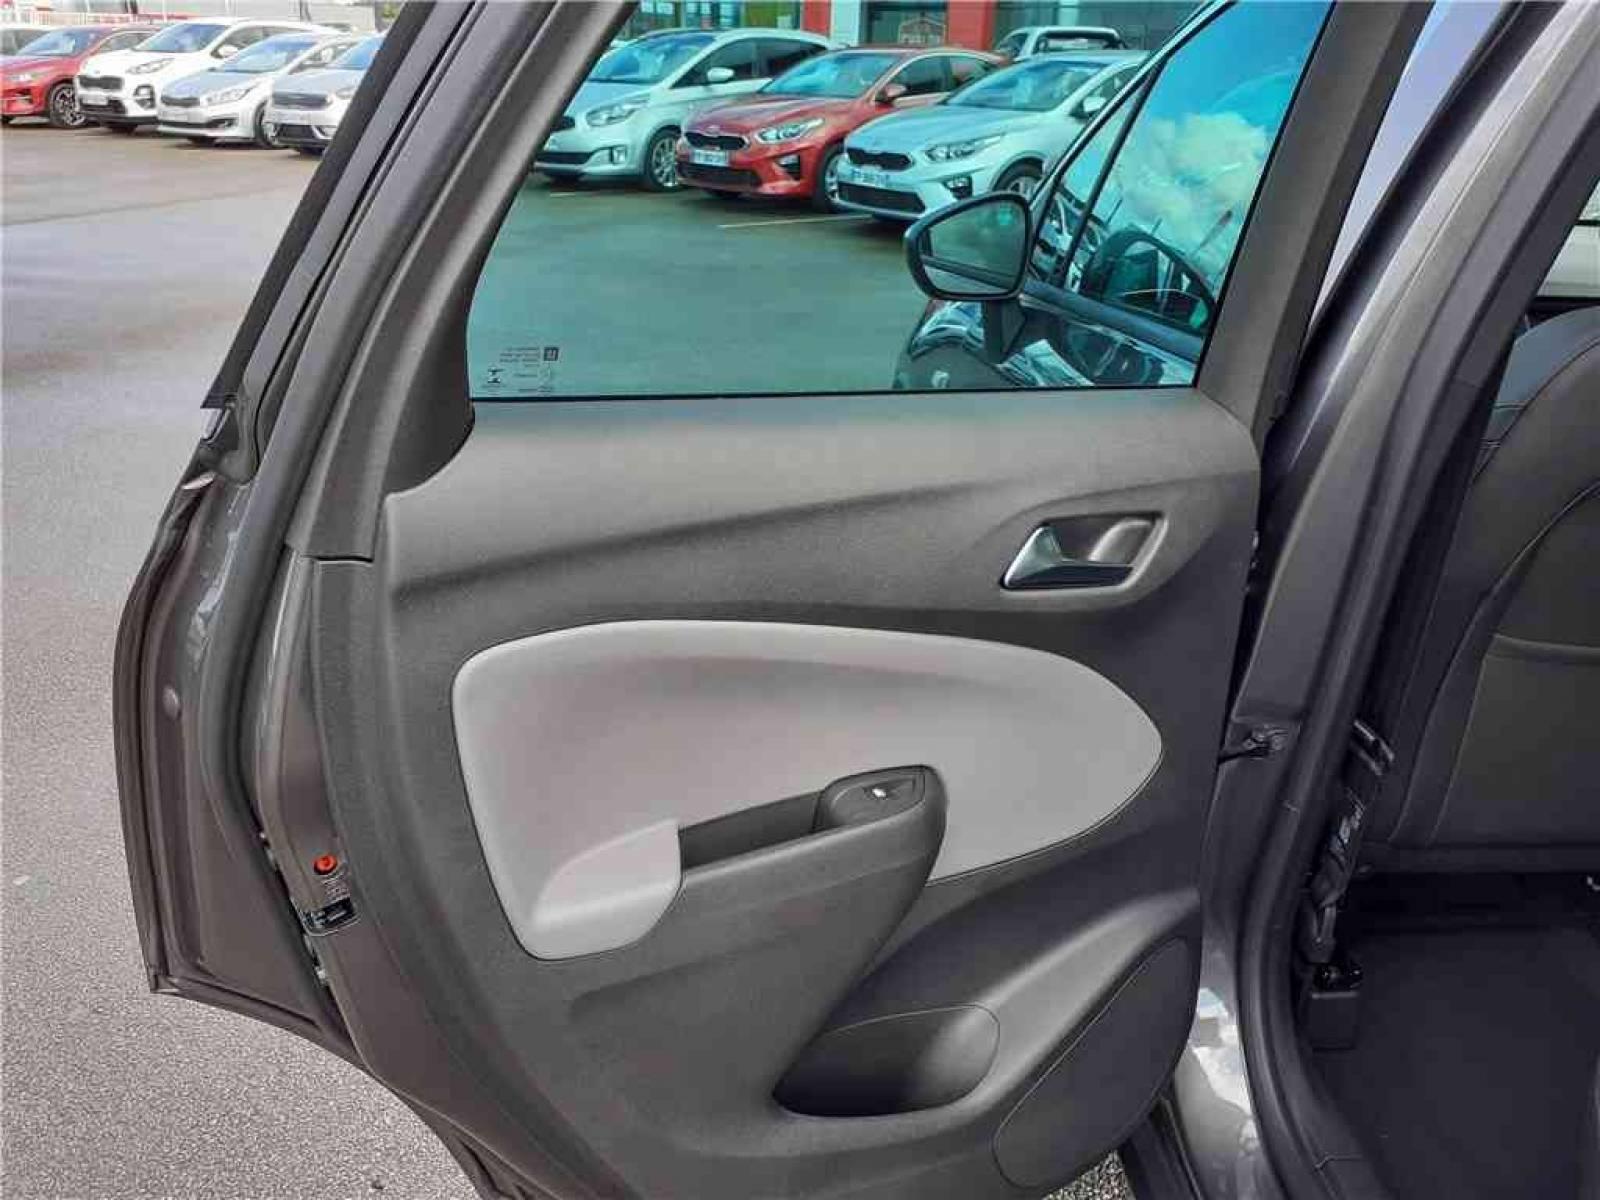 OPEL Crossland X 1.5 D 120 ch BVA6 - véhicule d'occasion - Groupe Guillet - Opel Magicauto - Montceau-les-Mines - 71300 - Montceau-les-Mines - 27